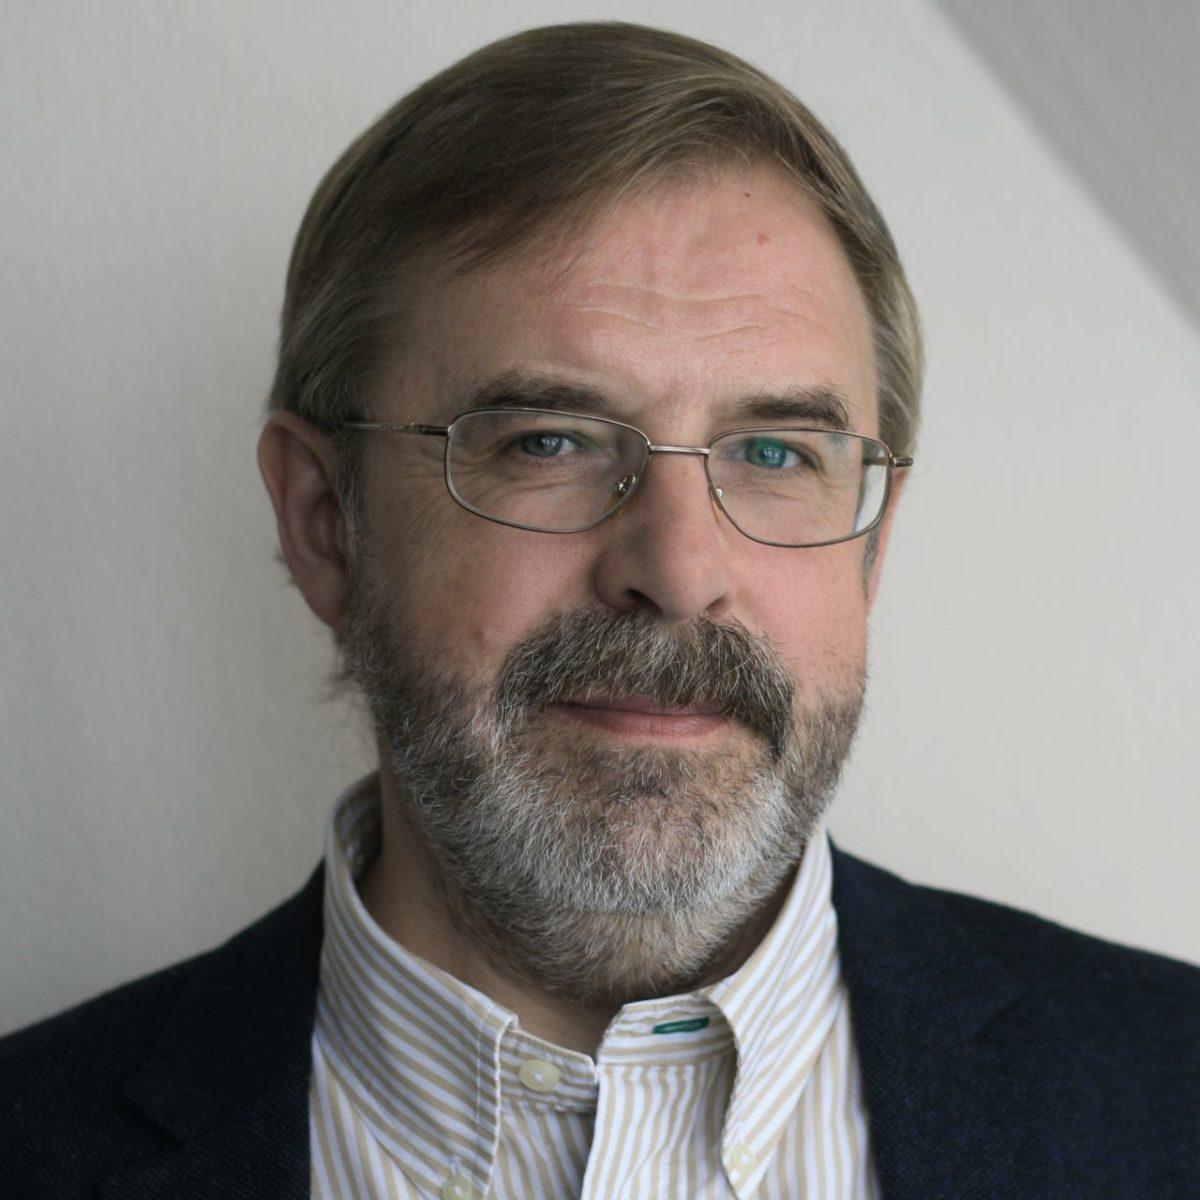 Михаил Лебедев , ведущий эксперт Центра молекулярной диагностики CMD Центрального НИИ Эпидемиологии Роспотребнадзора